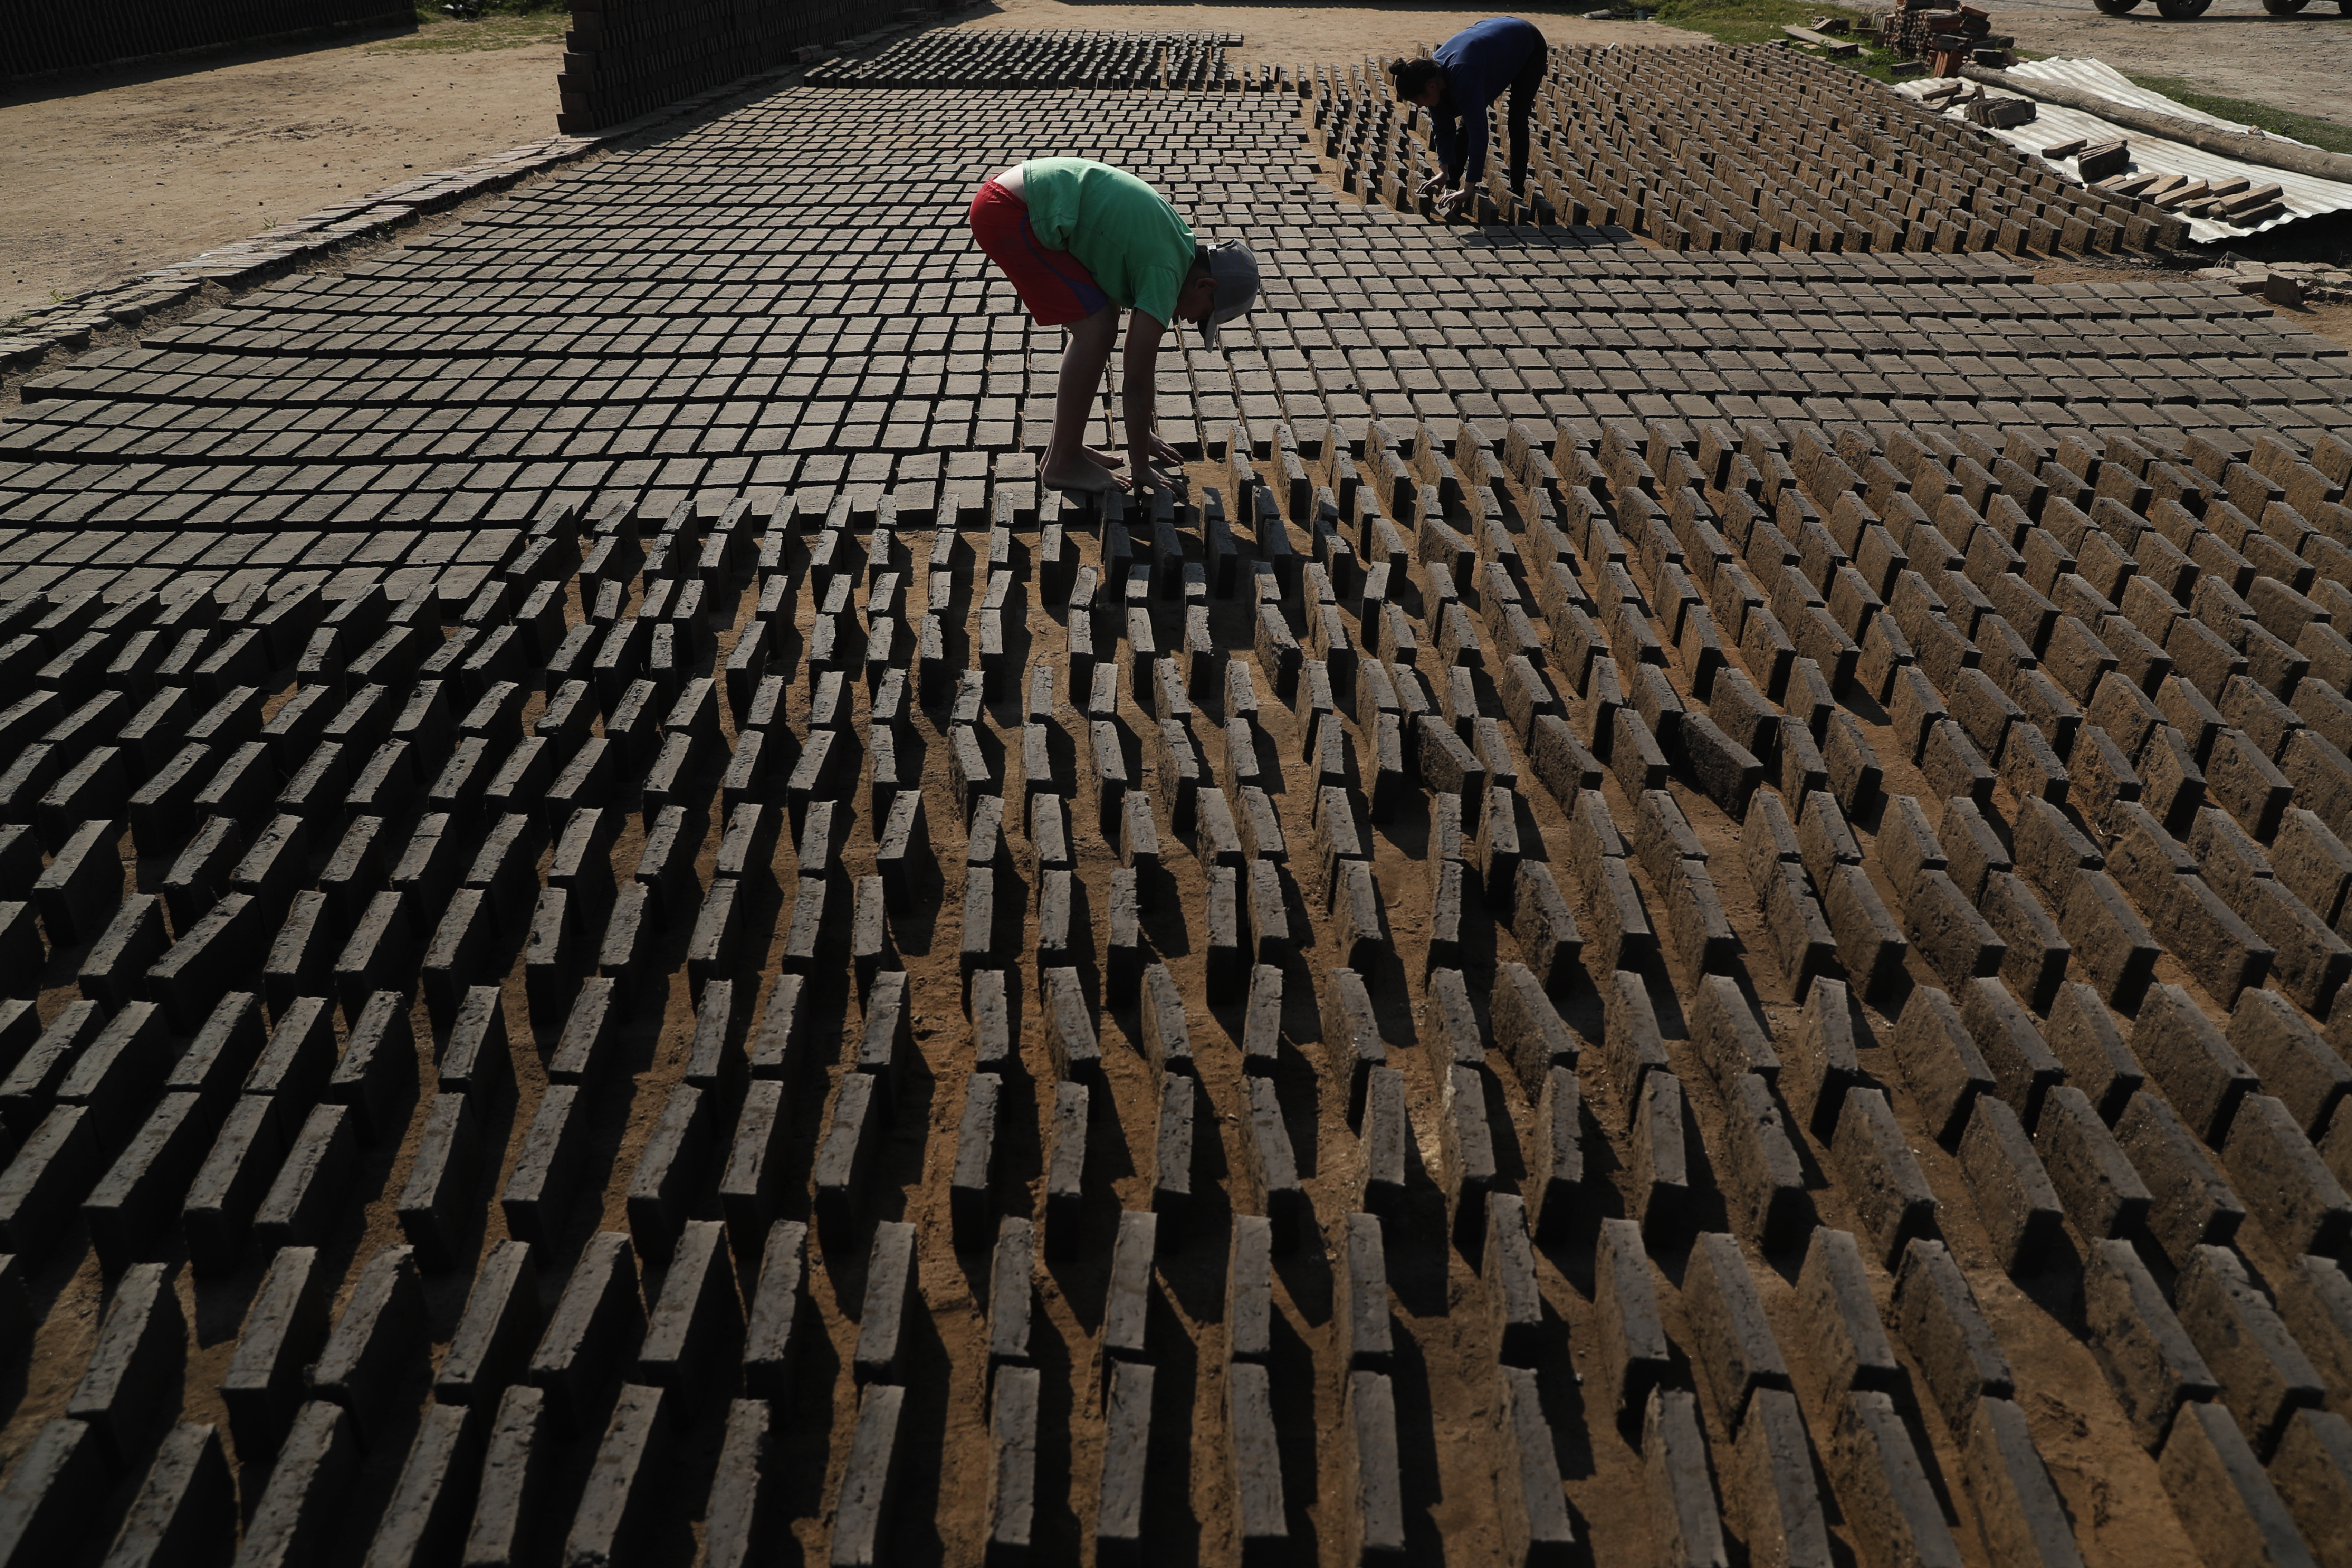 Cristian, en el centro, voltea ladrillos de arcilla de lado mientras se secan al sol antes de colocarlos en un horno en una pequeña fábrica de ladrillos en Tobati, Paraguay, el lunes 24 de agosto de 2020.